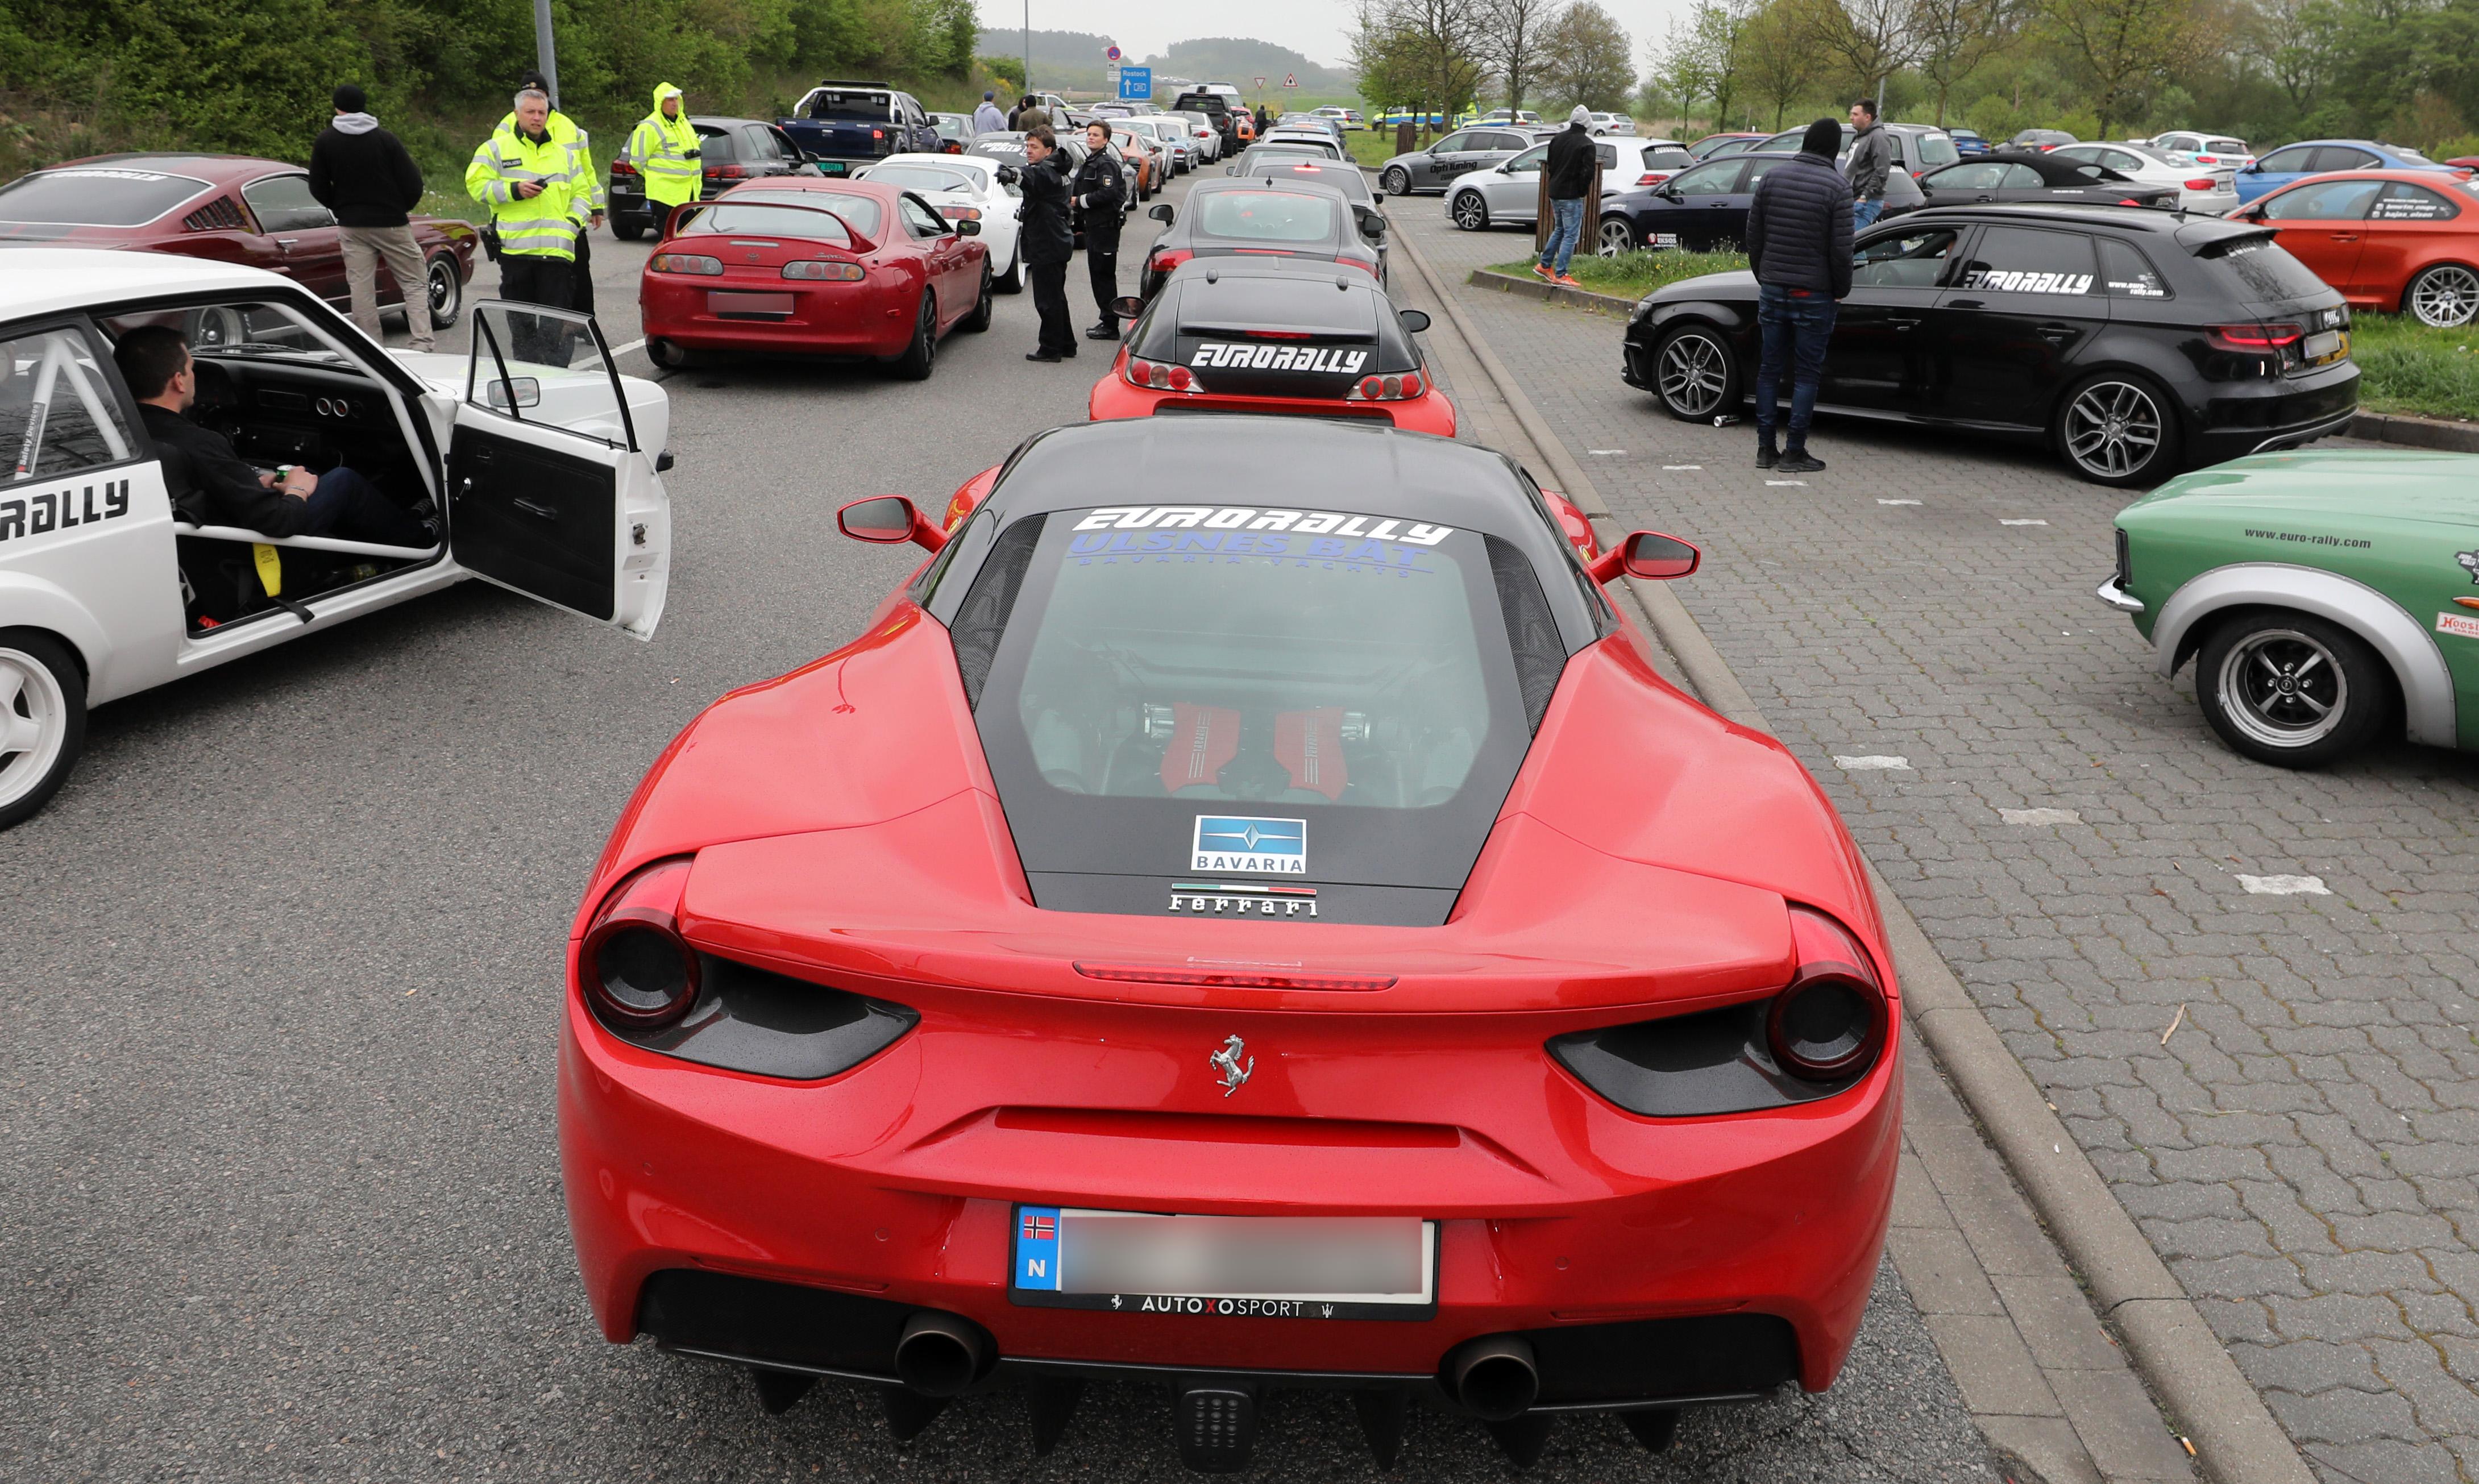 Ilyen a Need for Speed valójában: a német rendőrök leállítottak 120 sportkocsit az autópályán